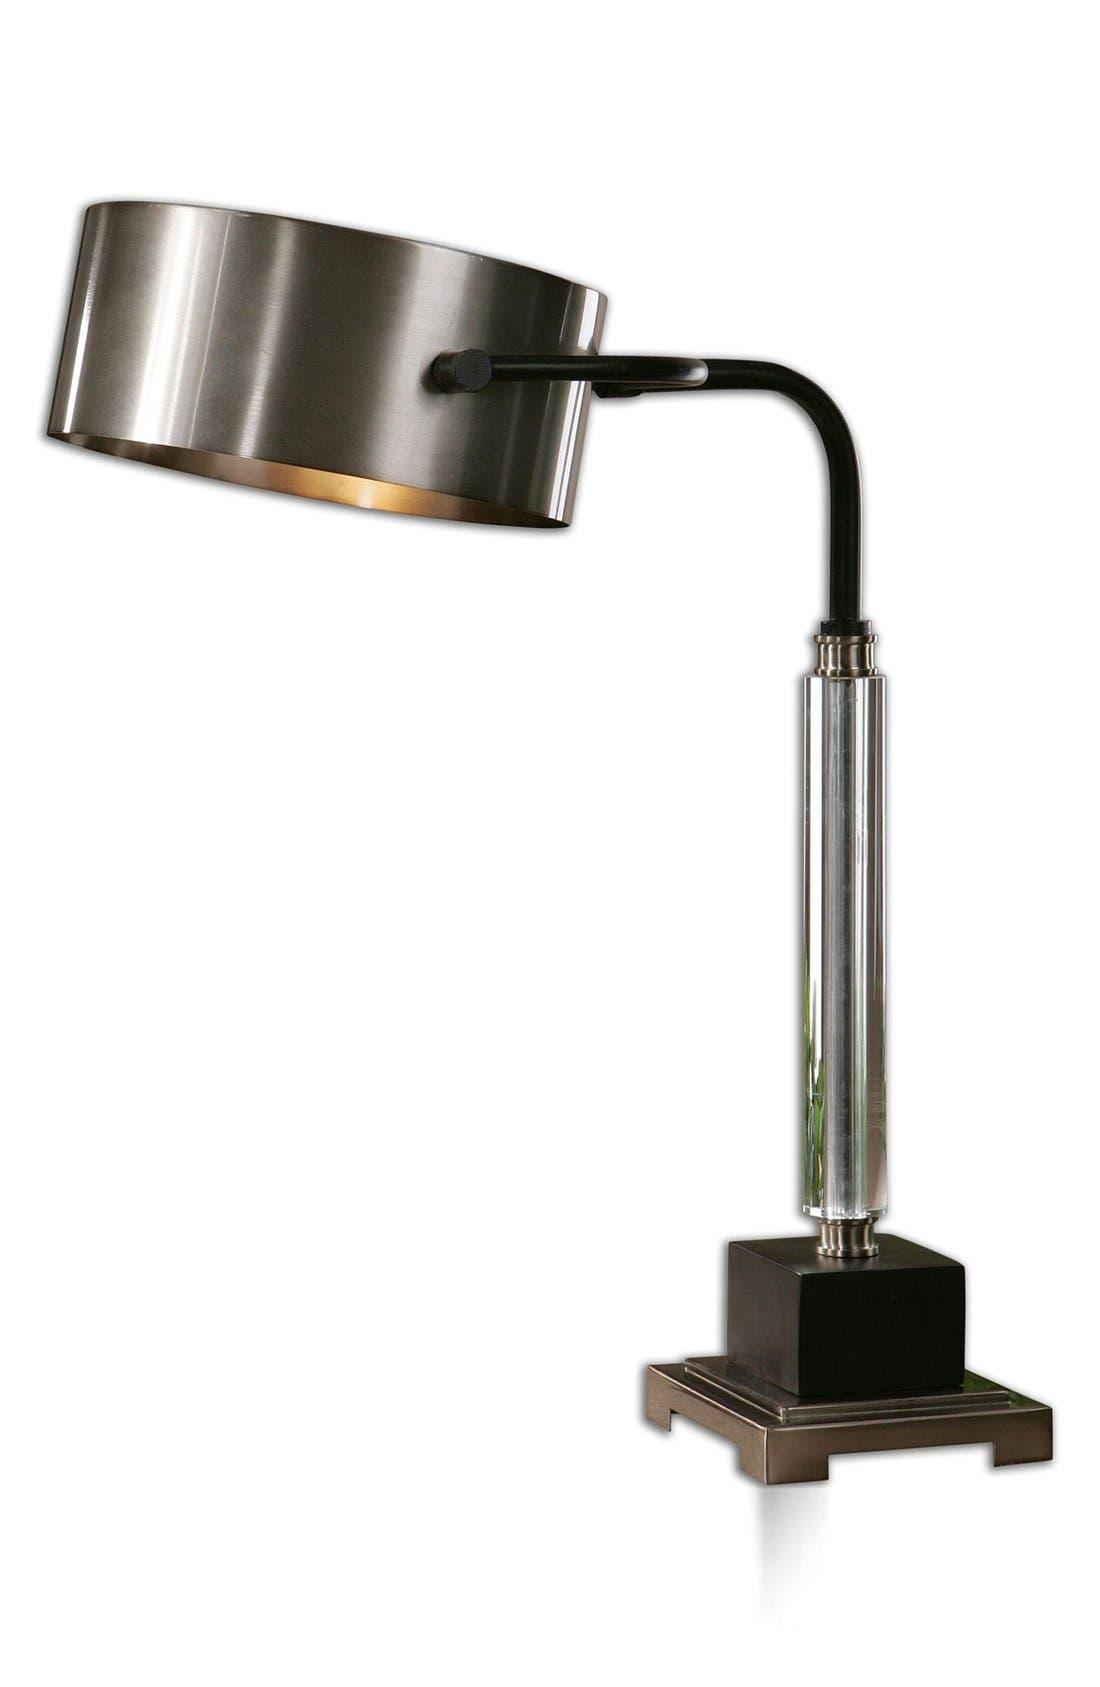 Main Image - Uttermost 'Belding' Desk Lamp